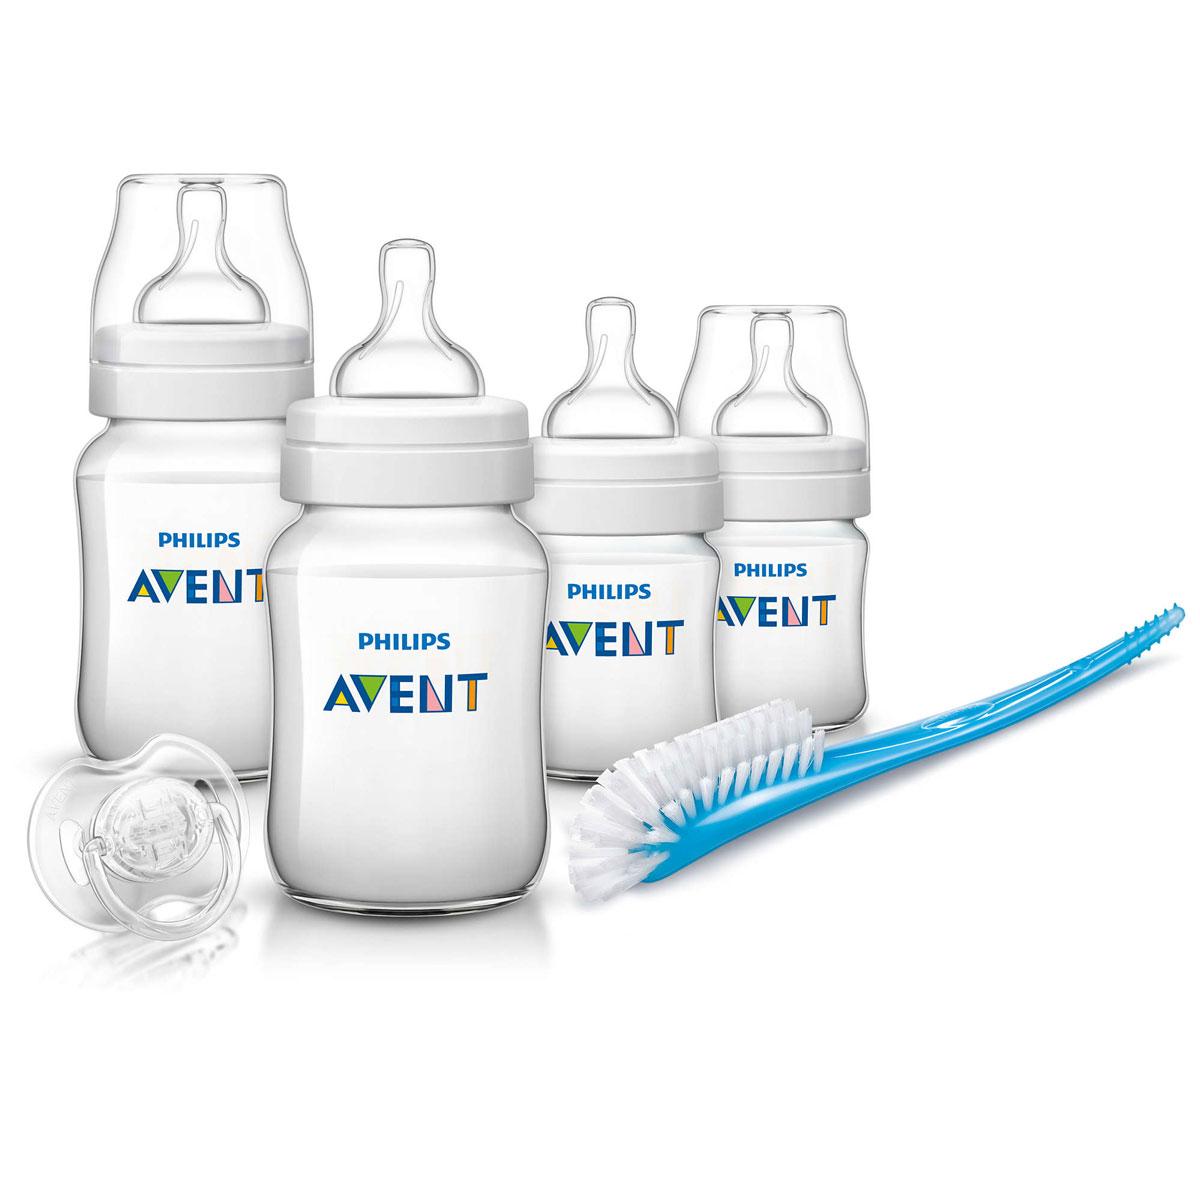 Philips Avent Набор для кормления Classic от 0 месяцев 6 предметов115510В набор для кормления Philips Avent входят 6 предметов - ершик для бутылочек и сосок, пустышка, 4 бутылочки для кормления.Все компоненты выполнены из качественного и безопасного материала, не содержат бисфенол А. Бутылочки имеют широкое горлышко, эргономичный дизайн и антиколиковую систему, эффективность которой клинически доказана.Ершик для бутылочек и сосок станет незаменимым атрибутом ухода за детскими бутылочками. Ершик имеет особую изогнутую форму и литую ручку, поэтому с ее помощью можно чистить бутылочки и соски любых типов, а также другие принадлежности для кормления.Силиконовая пустышка сгибается в соответствии с ритмом кормления.